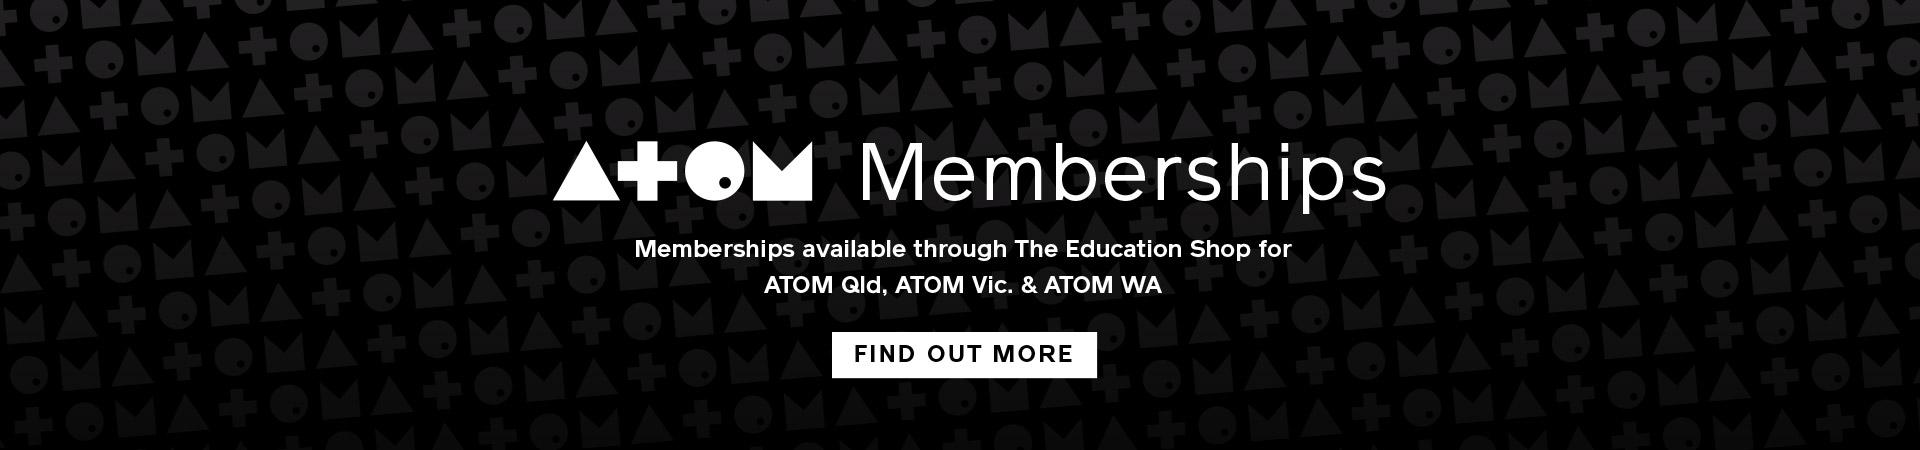 ATOM Memberships